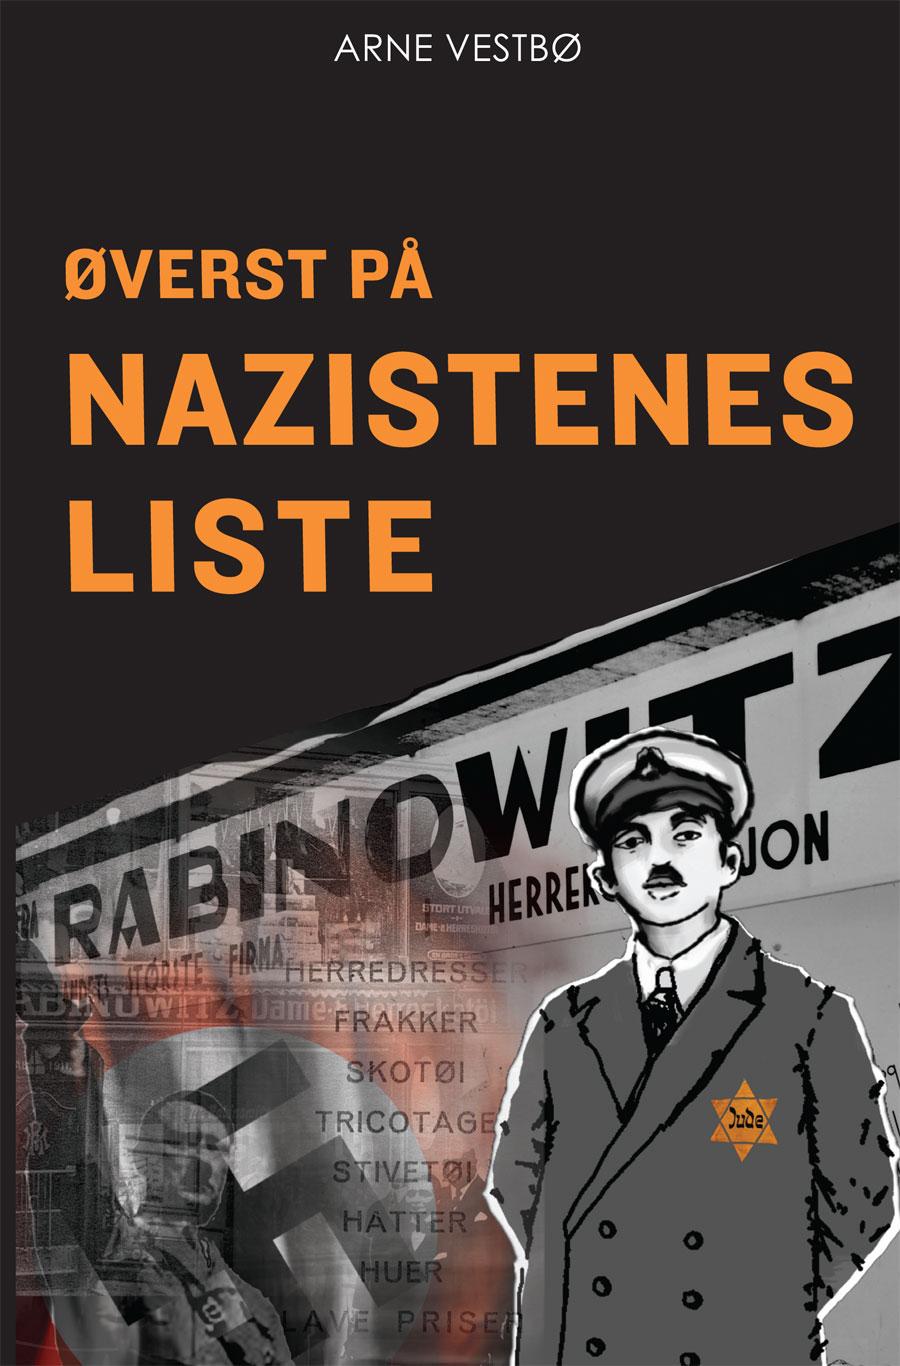 Overst pa nazistenes liste